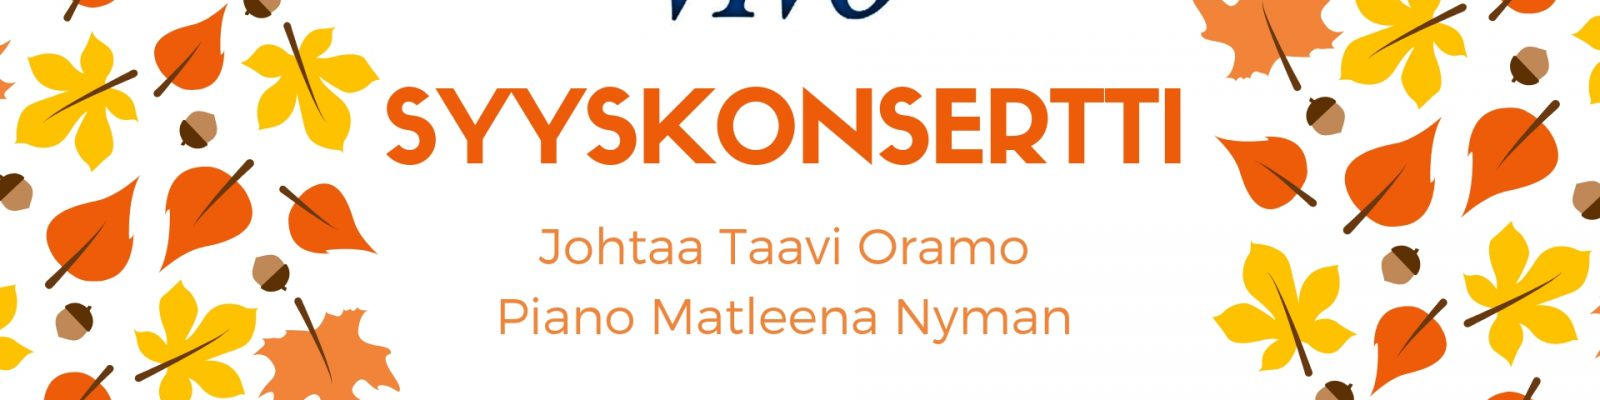 MENNYTTÄ: Syyskonsertti Hyvinkääsalissa 21.10. klo 16